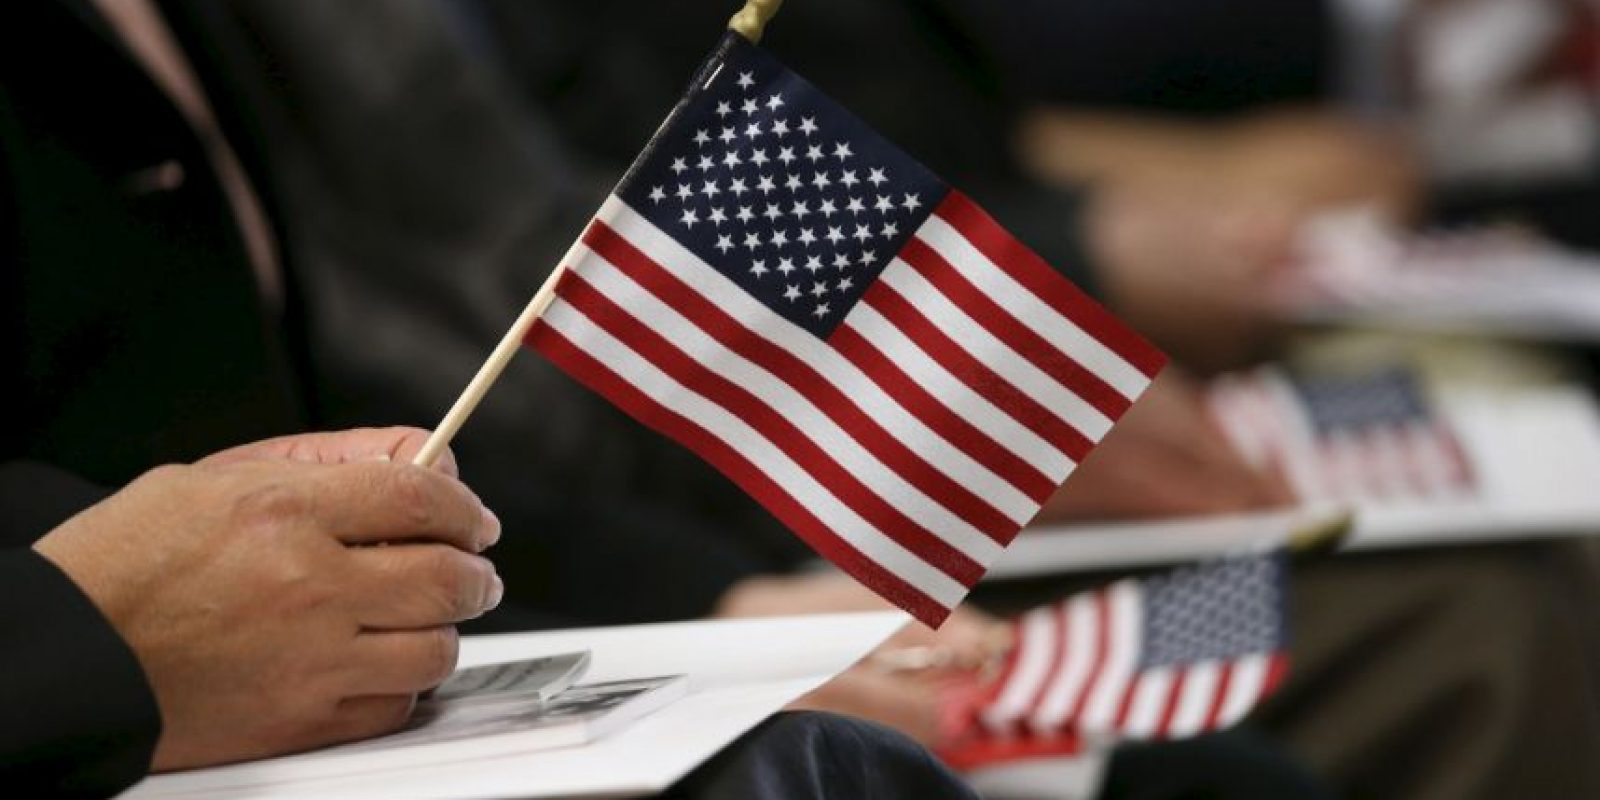 El mayor momento de inmigración ilegal fue entre 1989 y 1991. Foto:Getty